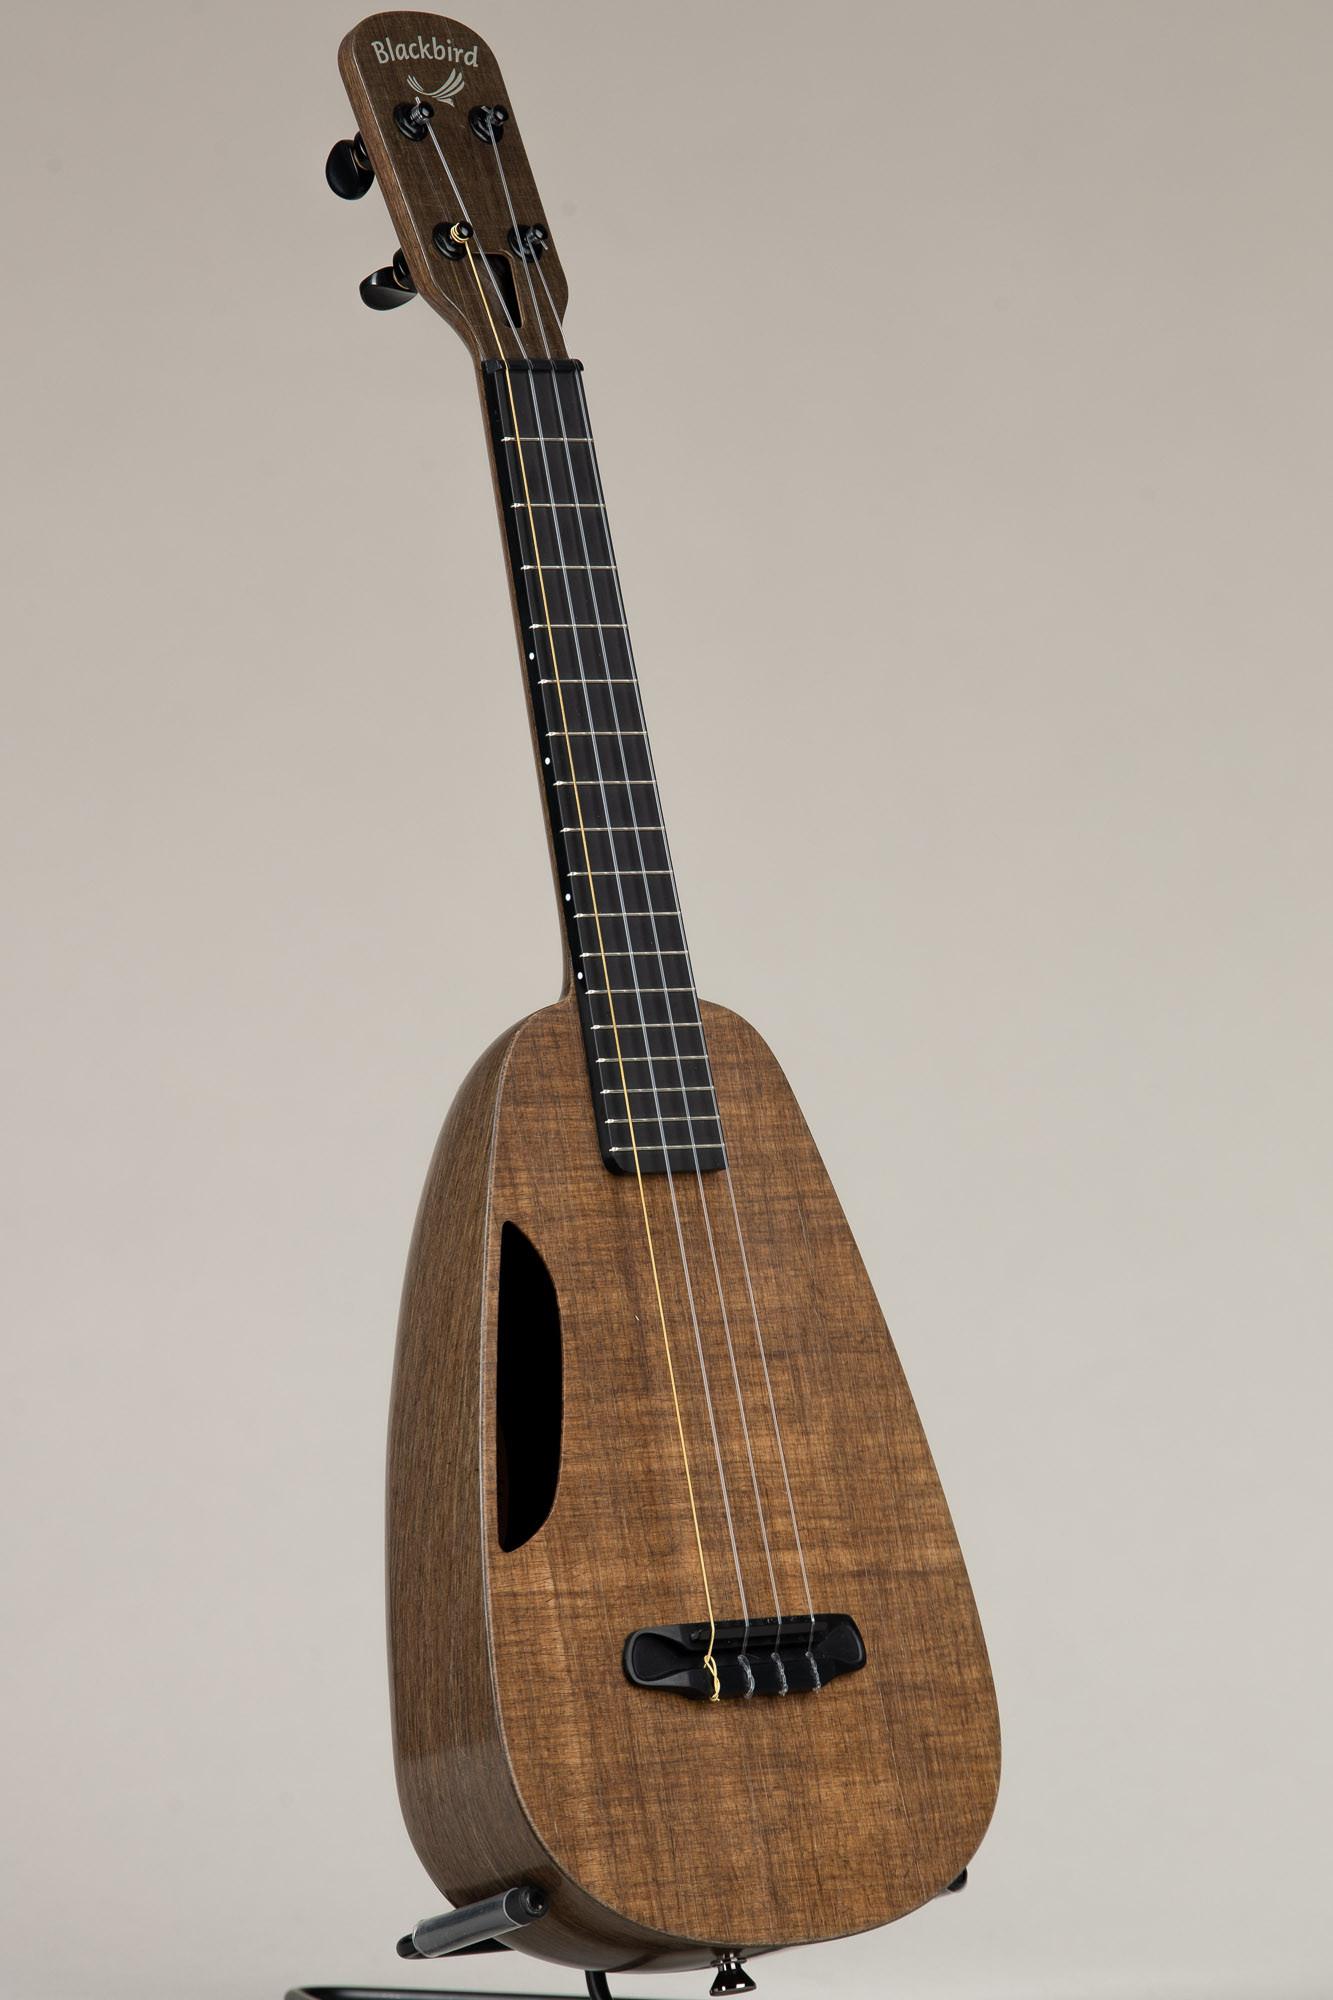 Blackbird Concert Ukulele (Clara 3270)